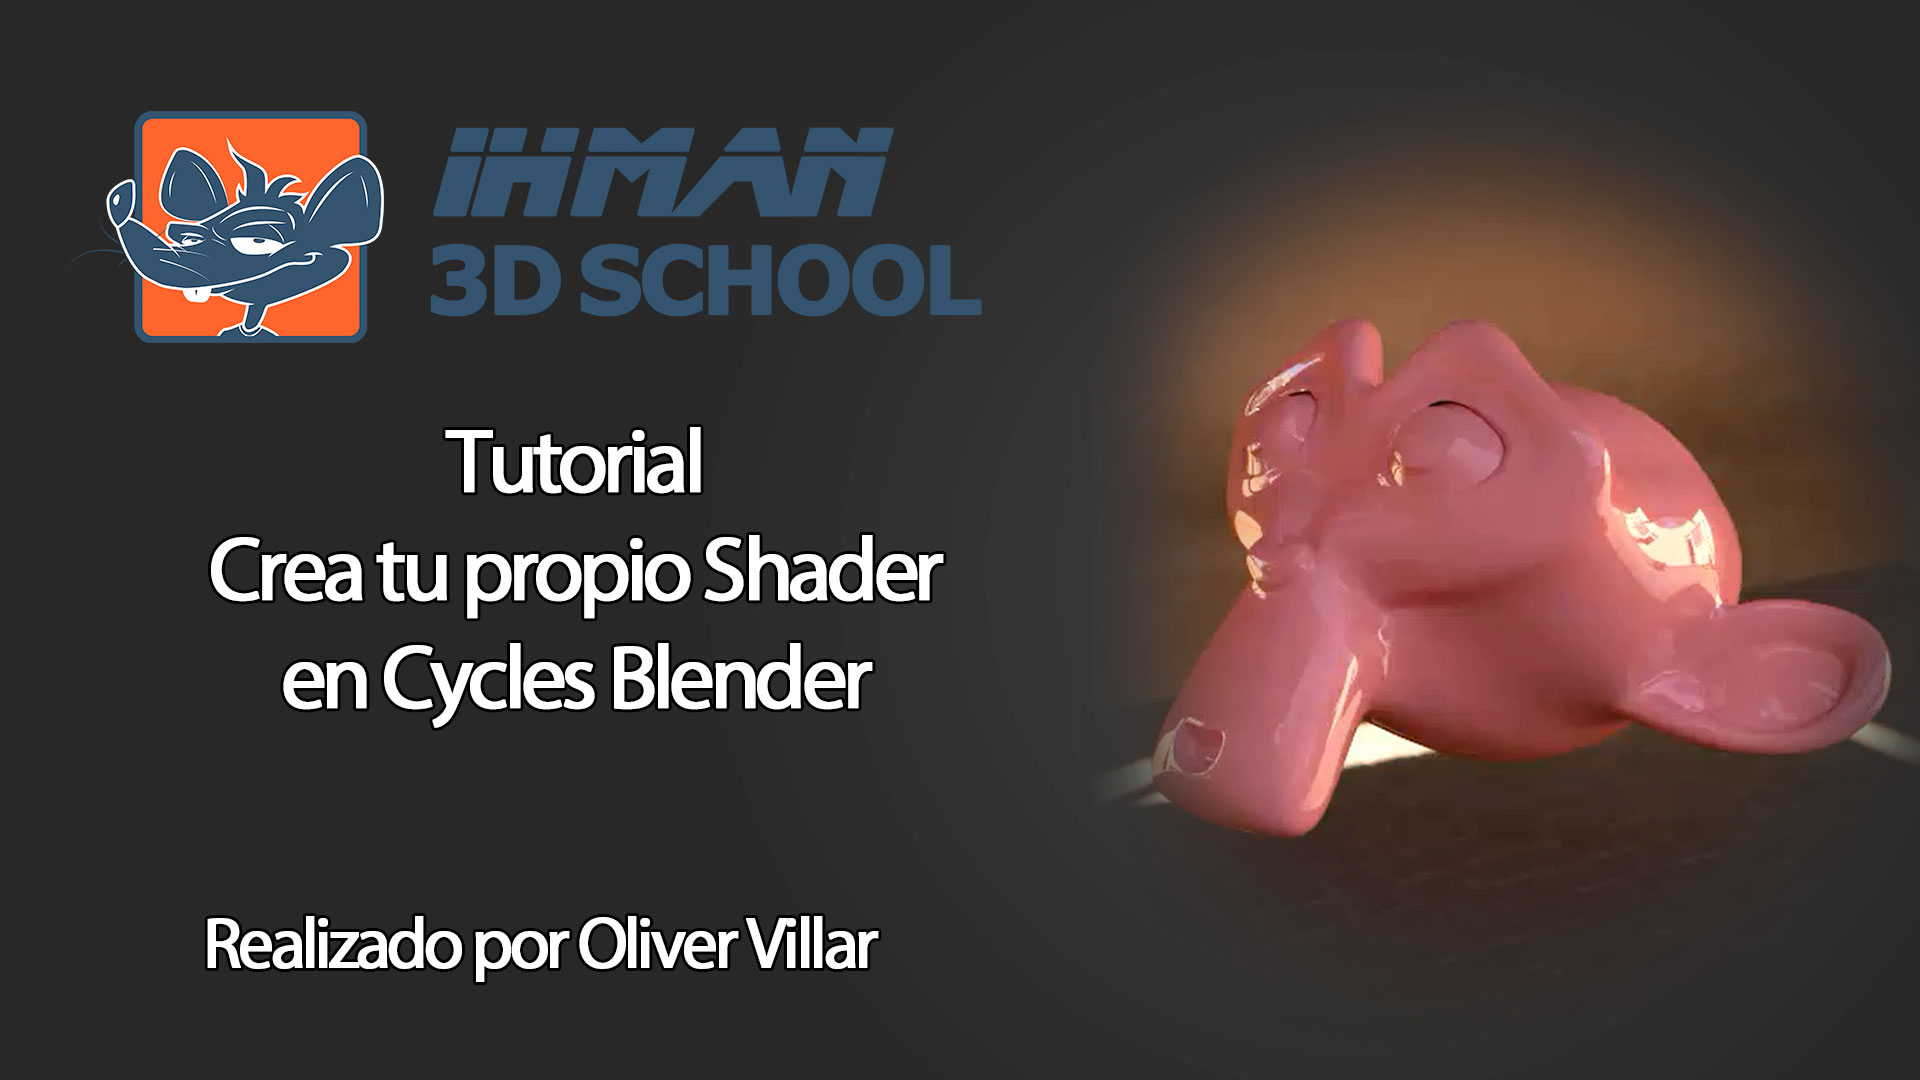 Presentación ihman 3d school-cabecera_shader_cycles.jpg